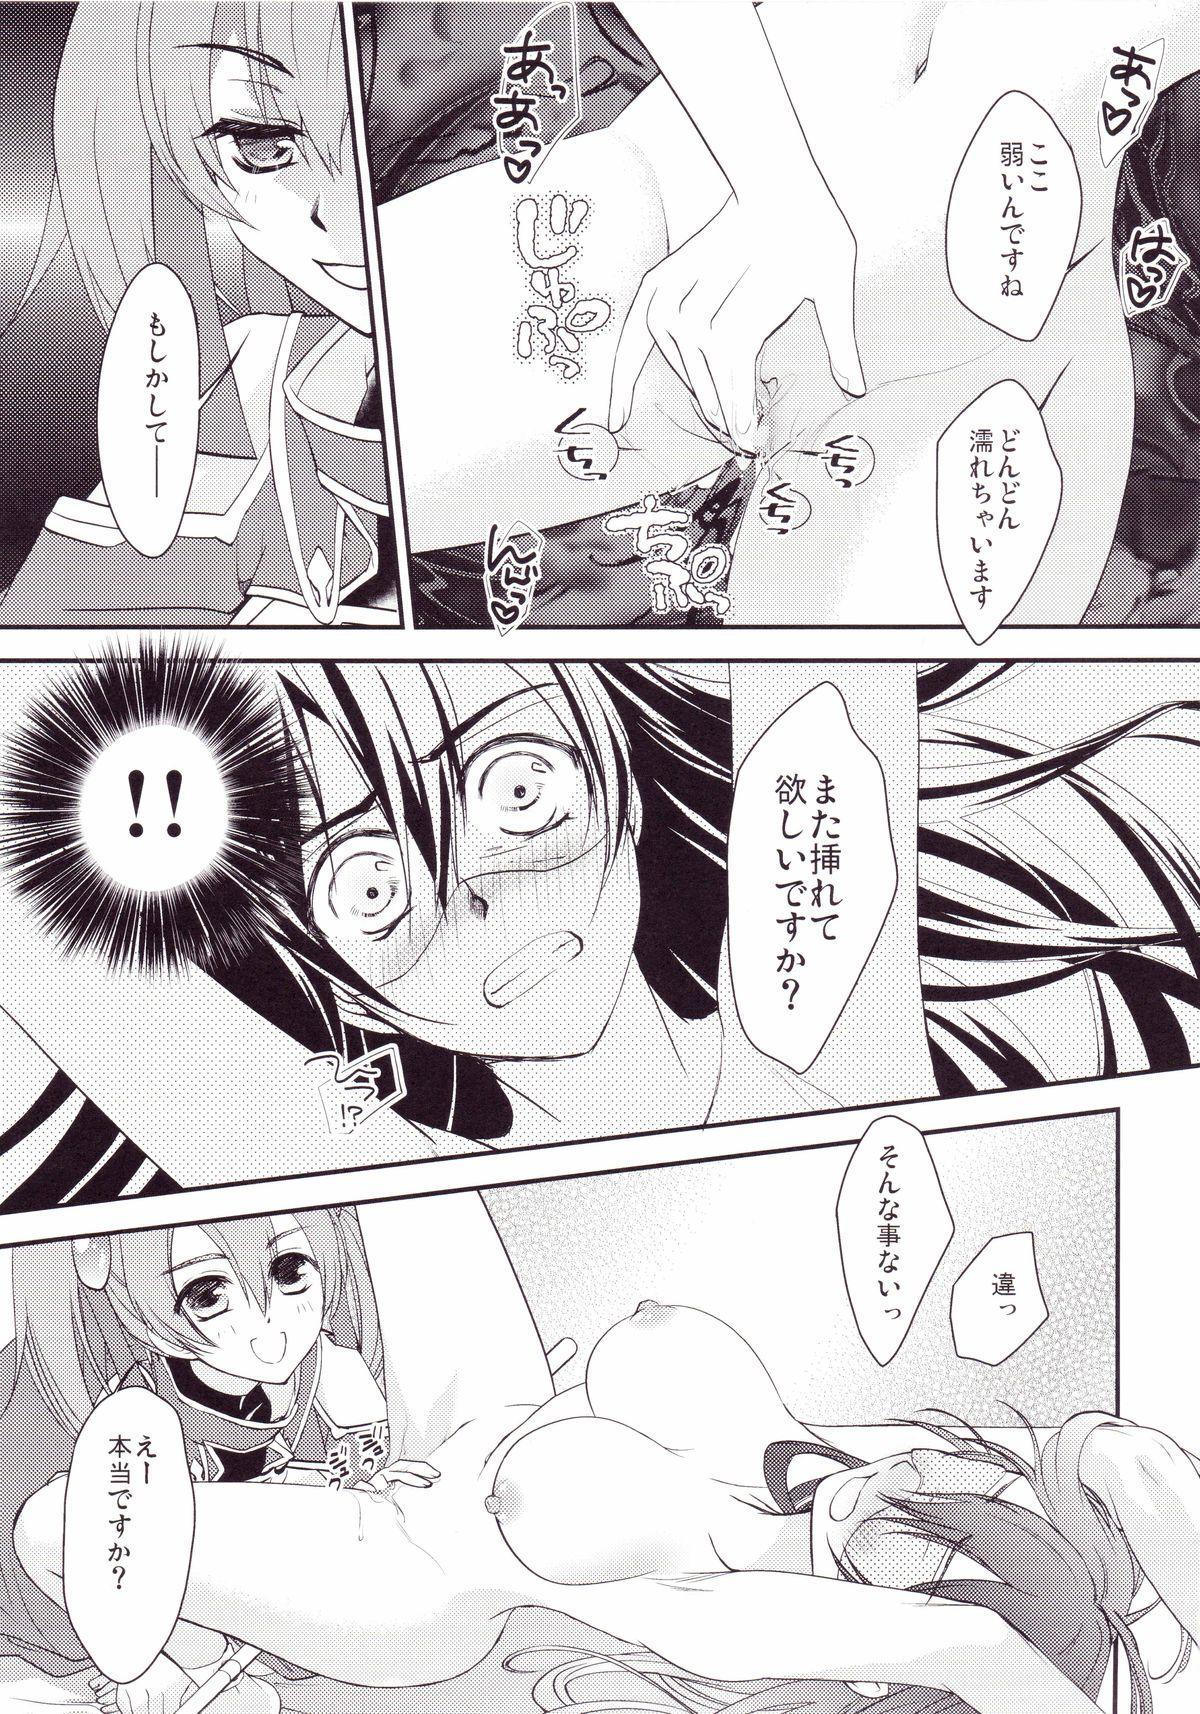 Kirito-kun no shiroku betatsuku nani ka 2 21